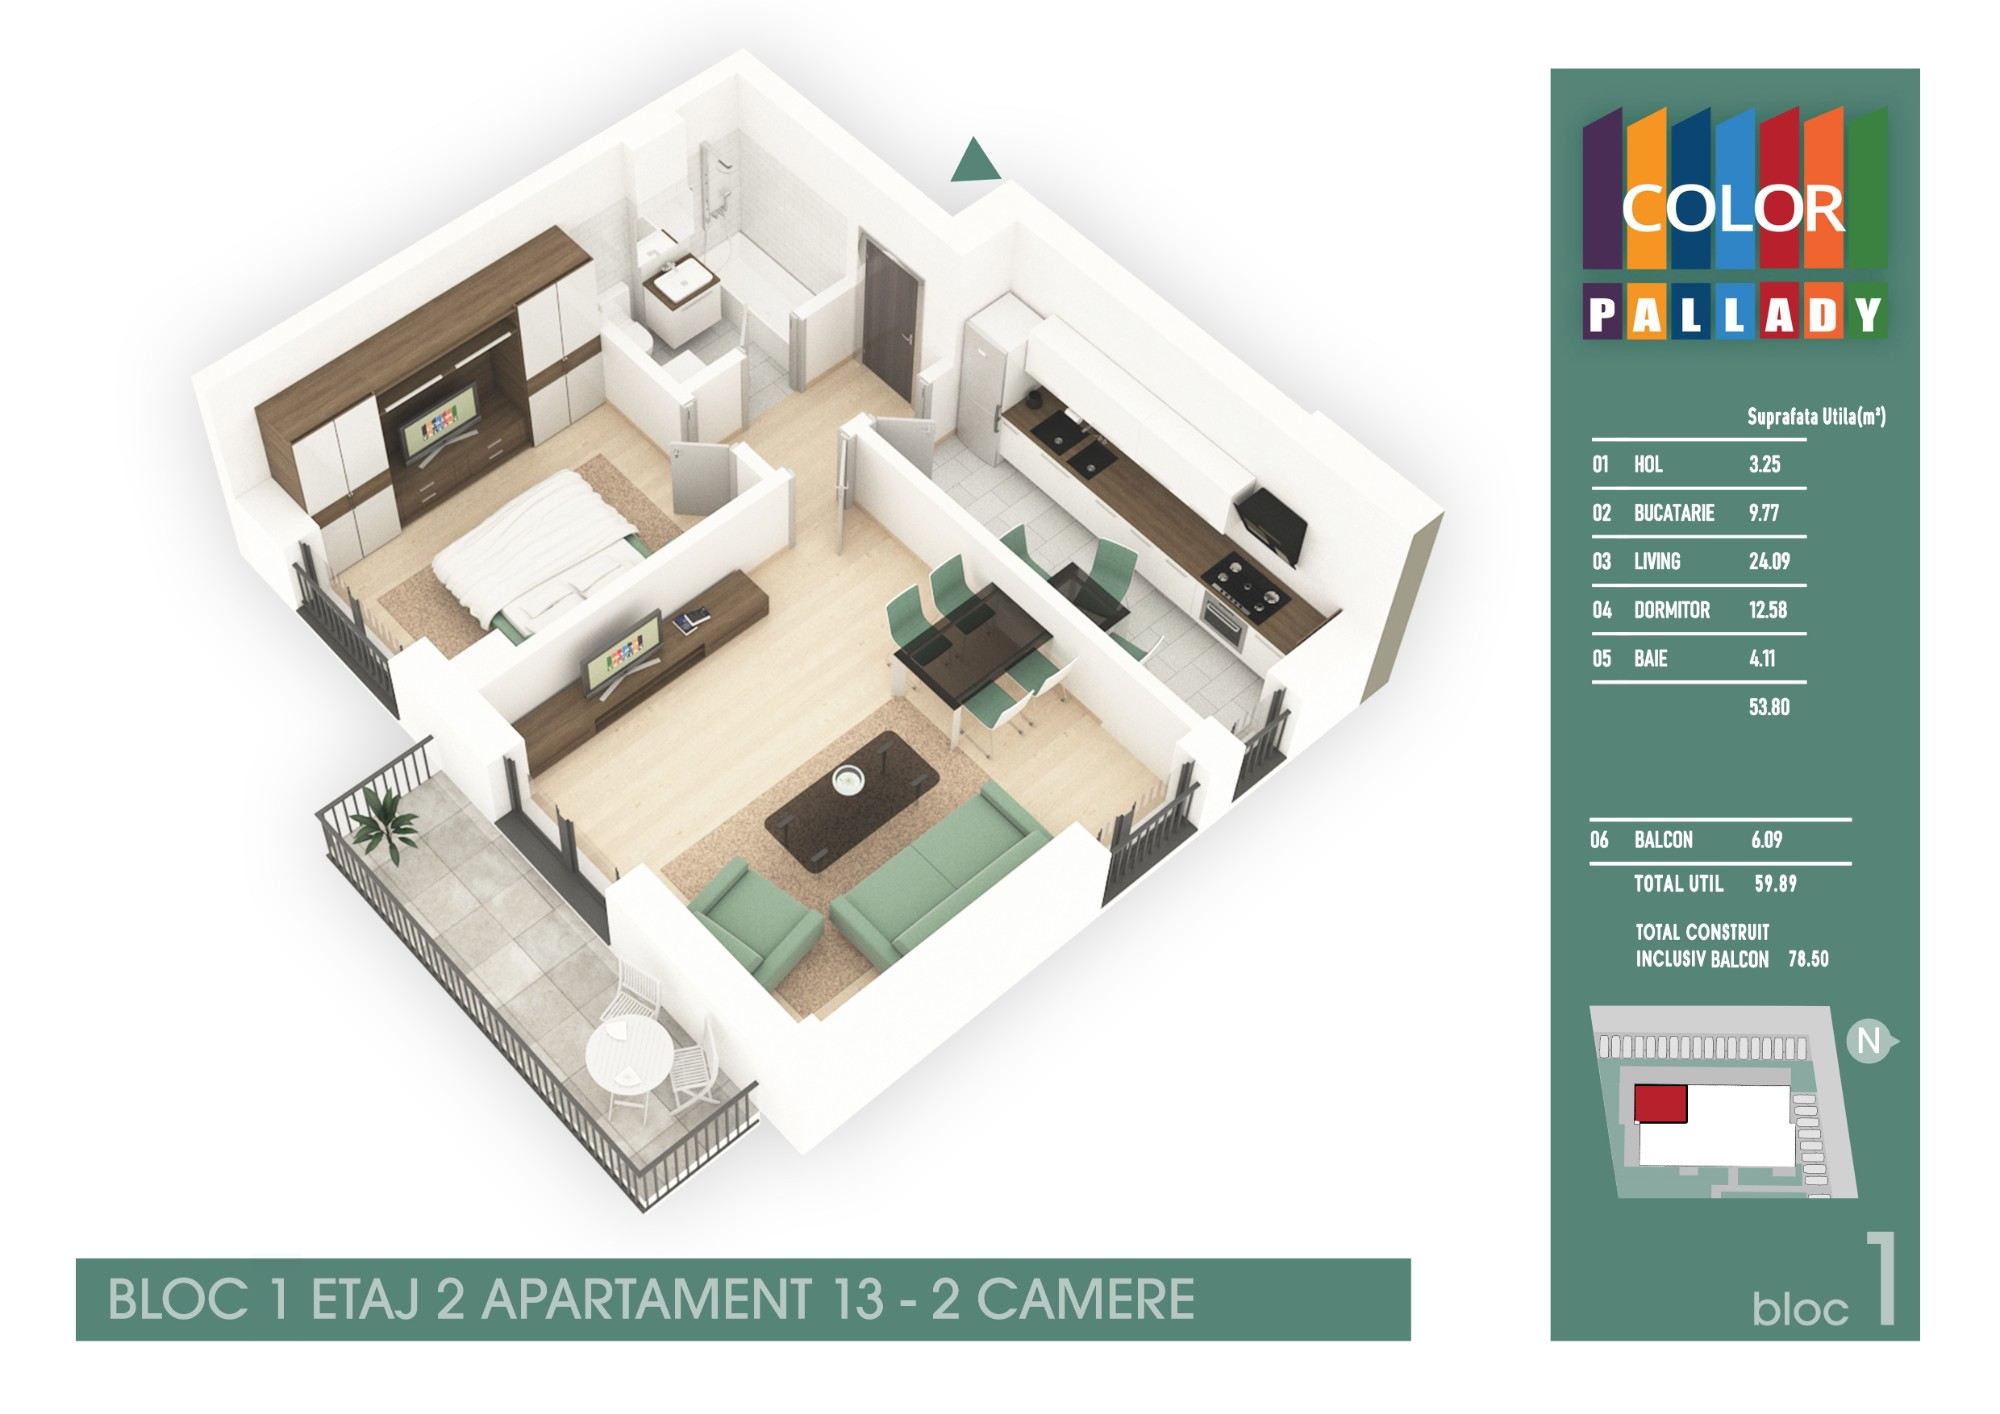 Bloc 1 - Etaj 2 - Apartament 13